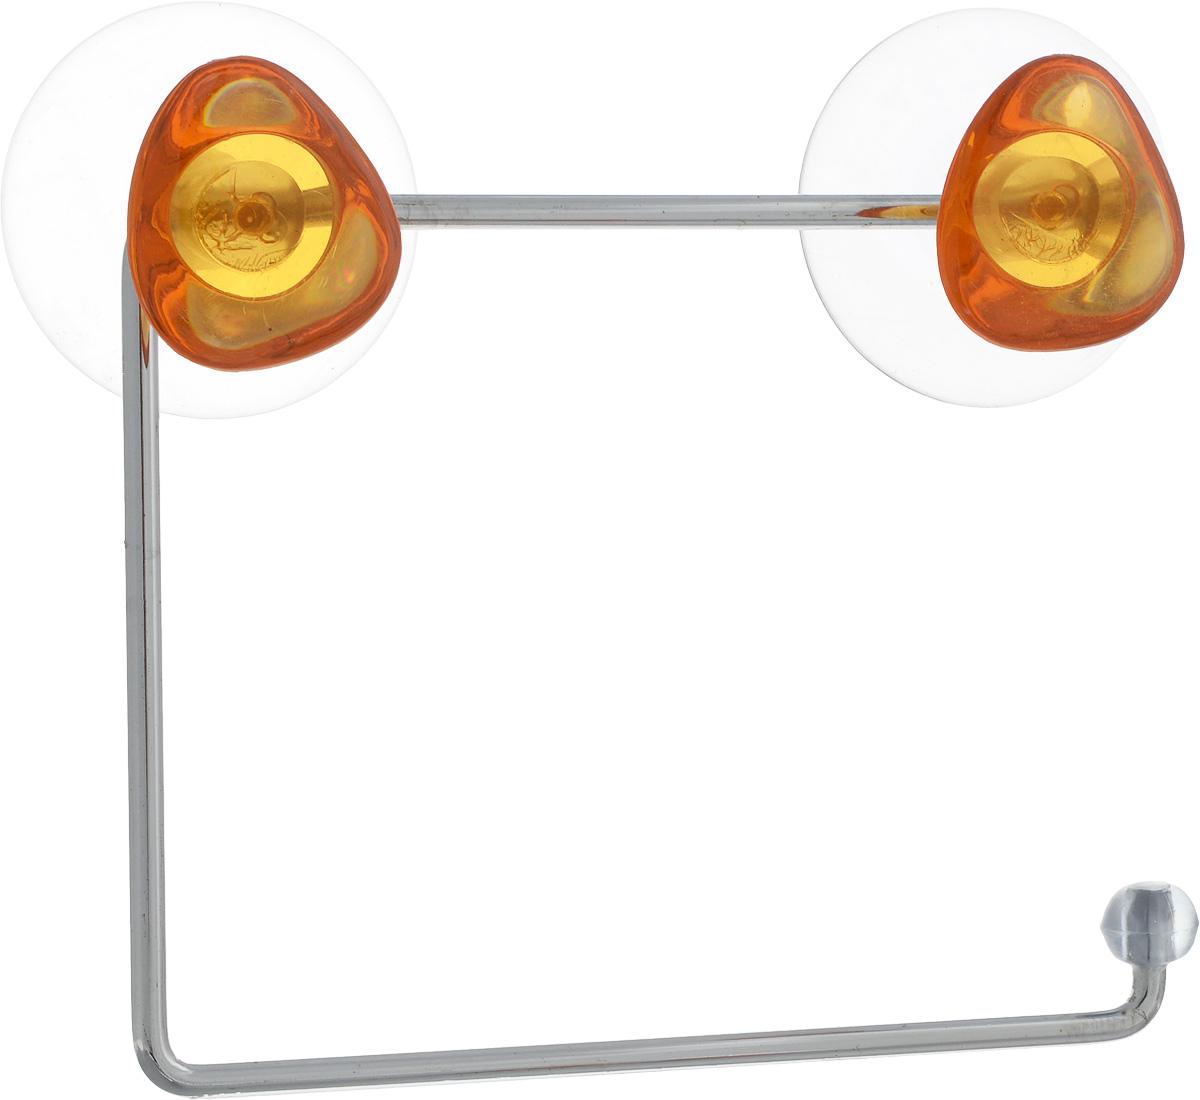 Держатель для туалетной бумаги Axentia Amica, на присосках, цвет: оранжевый, стальной25051 7_зеленыйДержатель для туалетной бумаги Axentia Amica изготовлен из высококачественной стали с хромированным покрытием, которое устойчиво к влажности и перепадам температуры. Держатель поможет оформить интерьер в выбранном стиле. Он хорошо впишется в любой интерьер, придавая ему черты современности. Для большего удобства изделие крепится с помощью двух присосок из поливинилхлорида (входят в комплект), что дает возможность при необходимости менять их месторасположение. Размер держателя: 15 х 12,5 х 4 см. Диаметр присоски: 5,5 см.